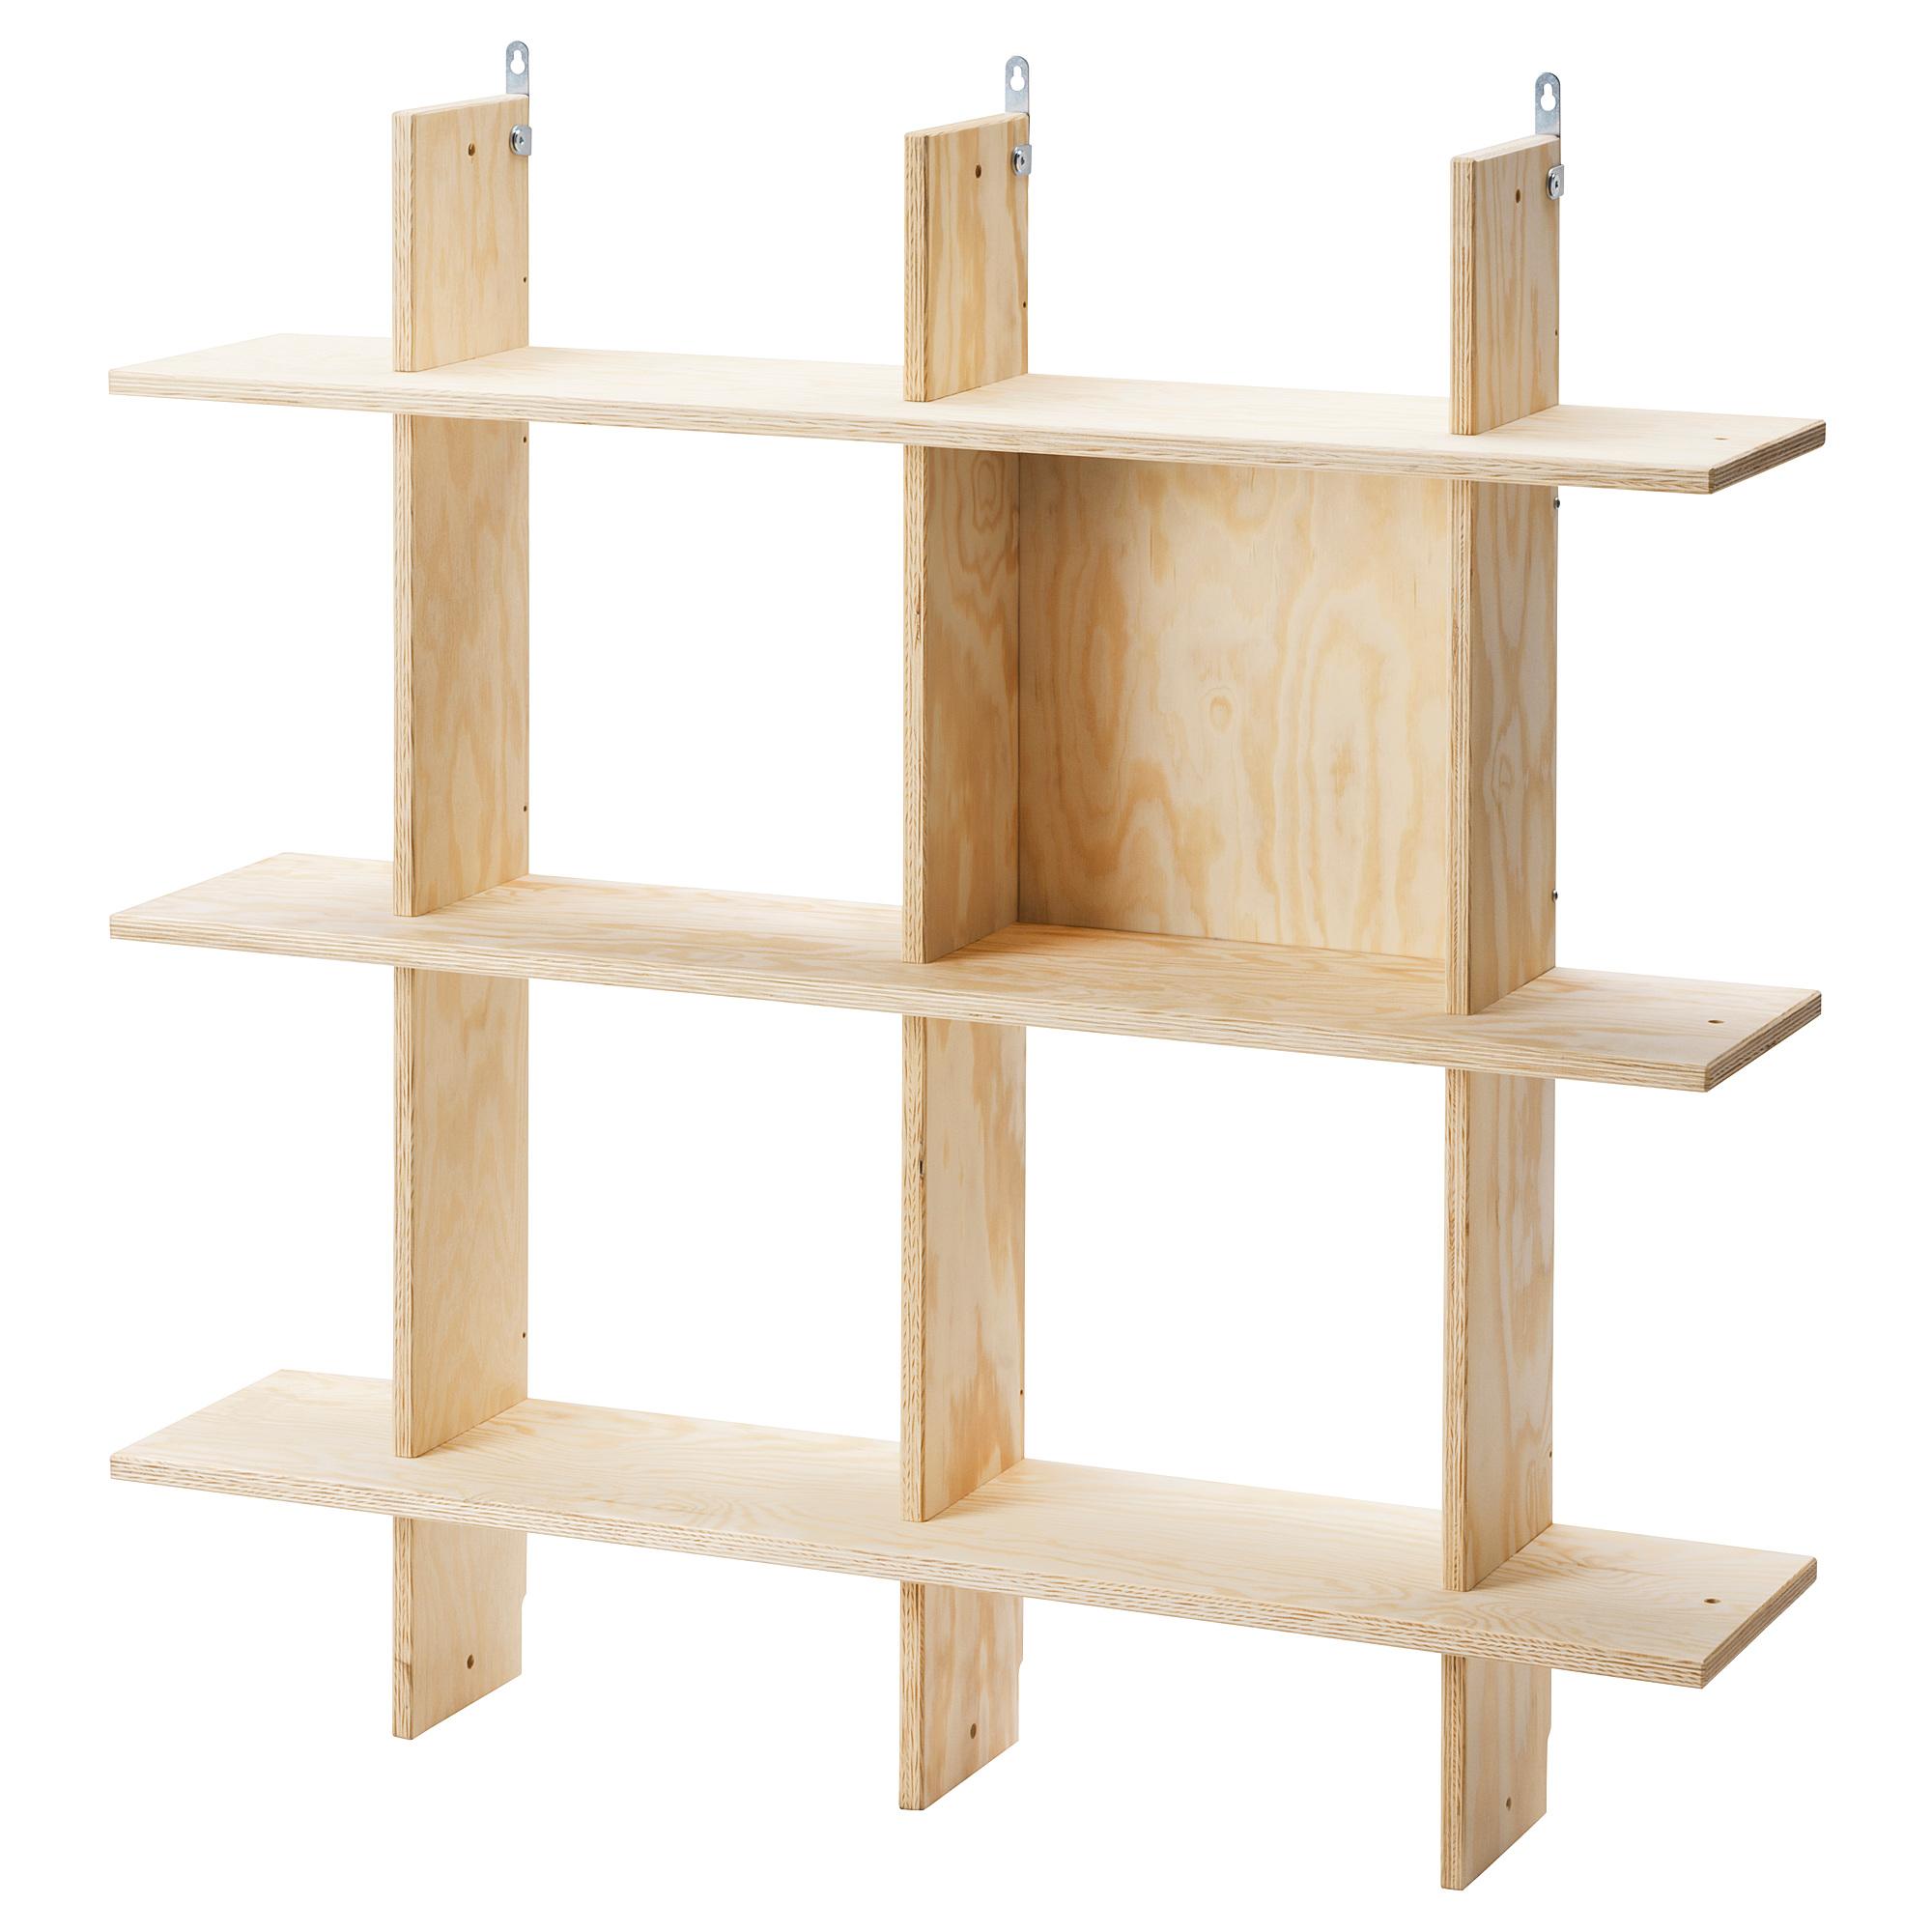 Стеллаж ИНДУСТРИЕЛЛ артикуль № 603.945.51 в наличии. Online каталог IKEA Минск. Быстрая доставка и установка.